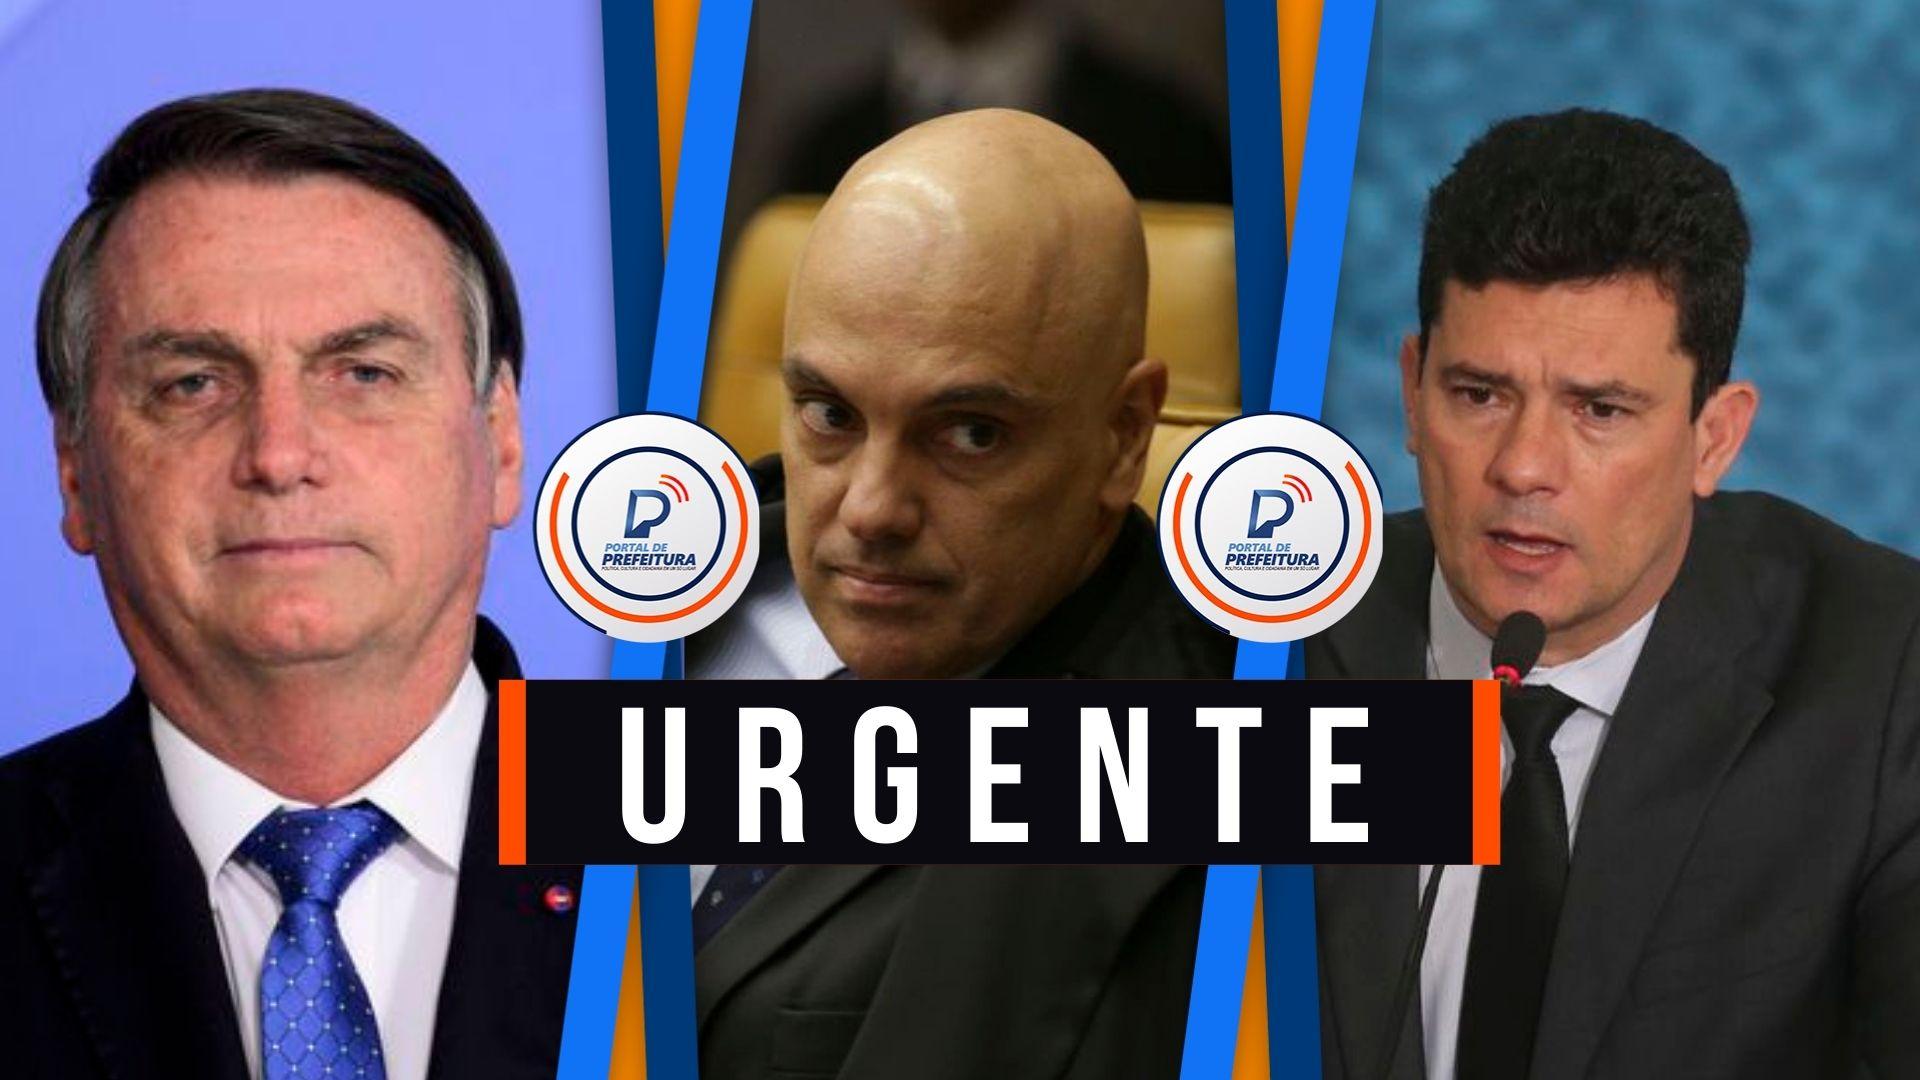 Moraes autoriza PF a colher depoimento presencial de Bolsonaro em até 30 dias sobre denúncia de Moro de interferências política do presidente